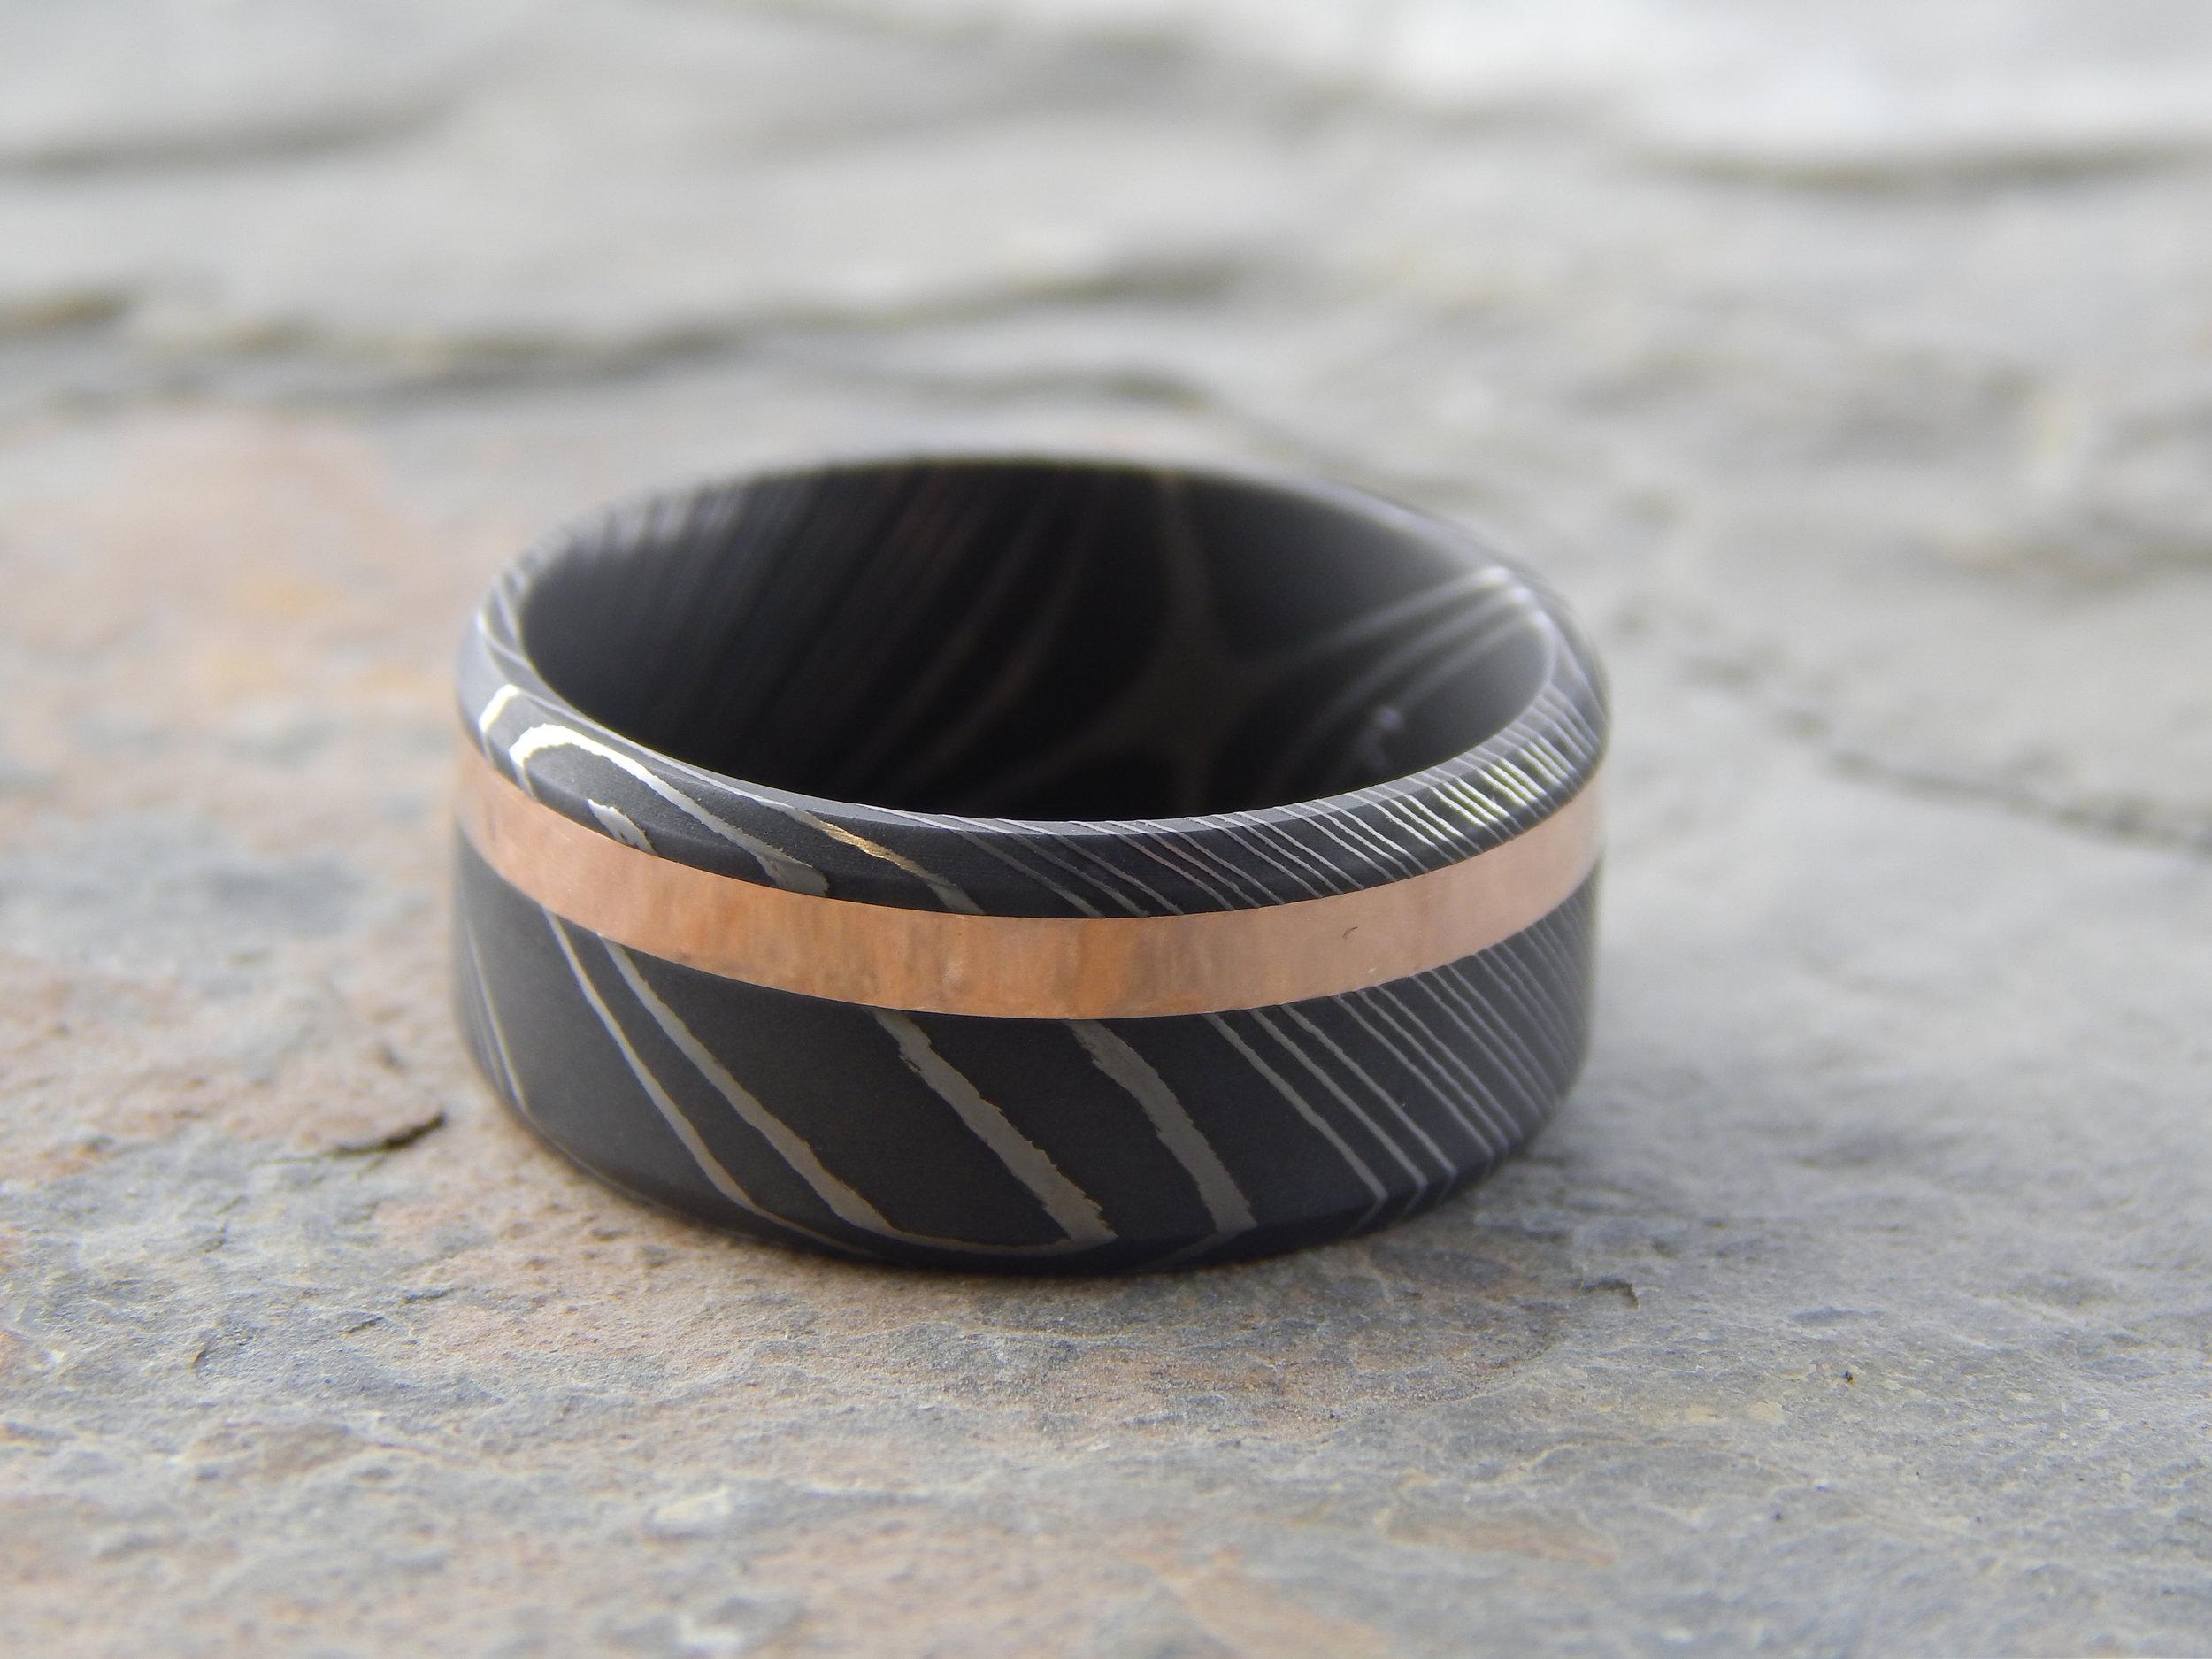 darvier-14k-rose-gold-carbon-damascus-bevel-edge-band.JPG